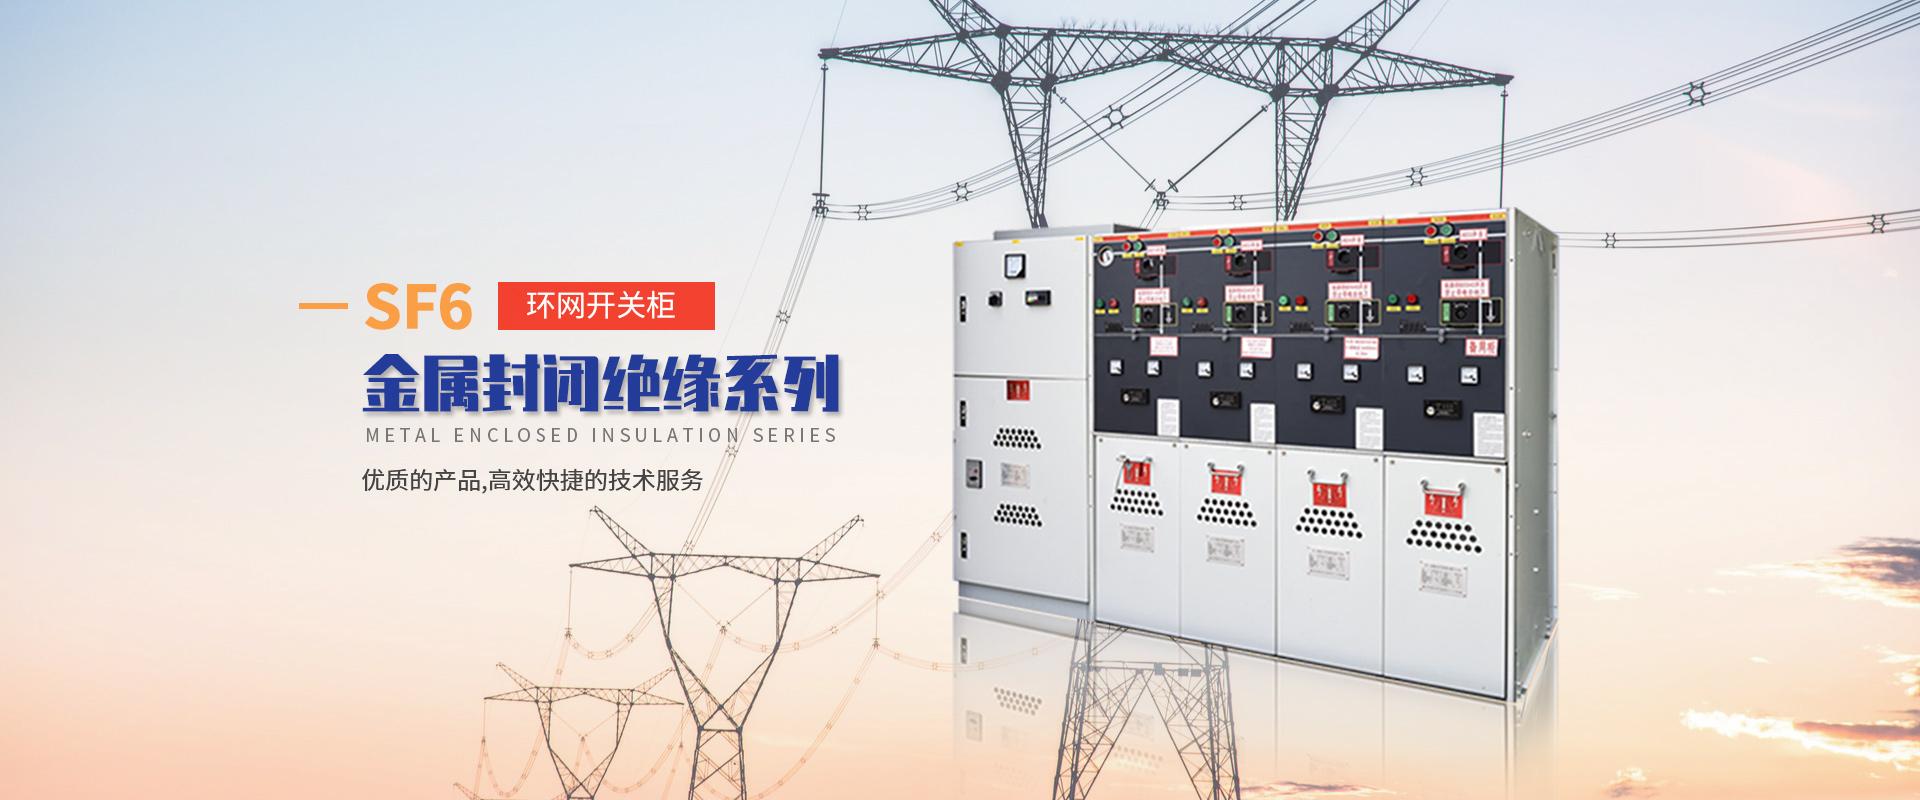 高低压配电工程厂家